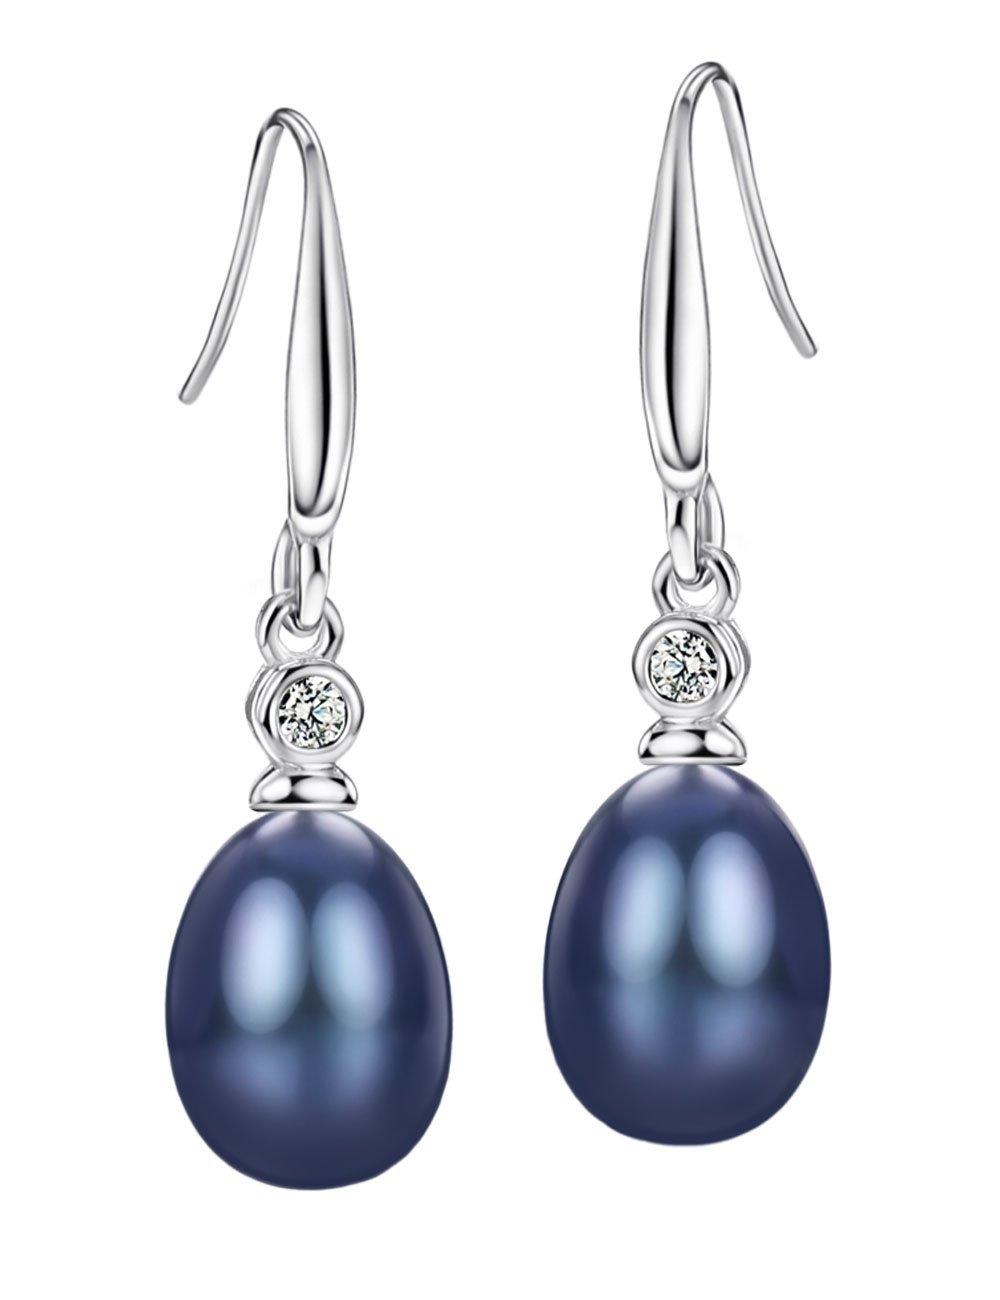 Black Freshwater Pearl Earrings Drop Sterling Silver Cubic Zirconia Earrings Fine Jewelry for Women